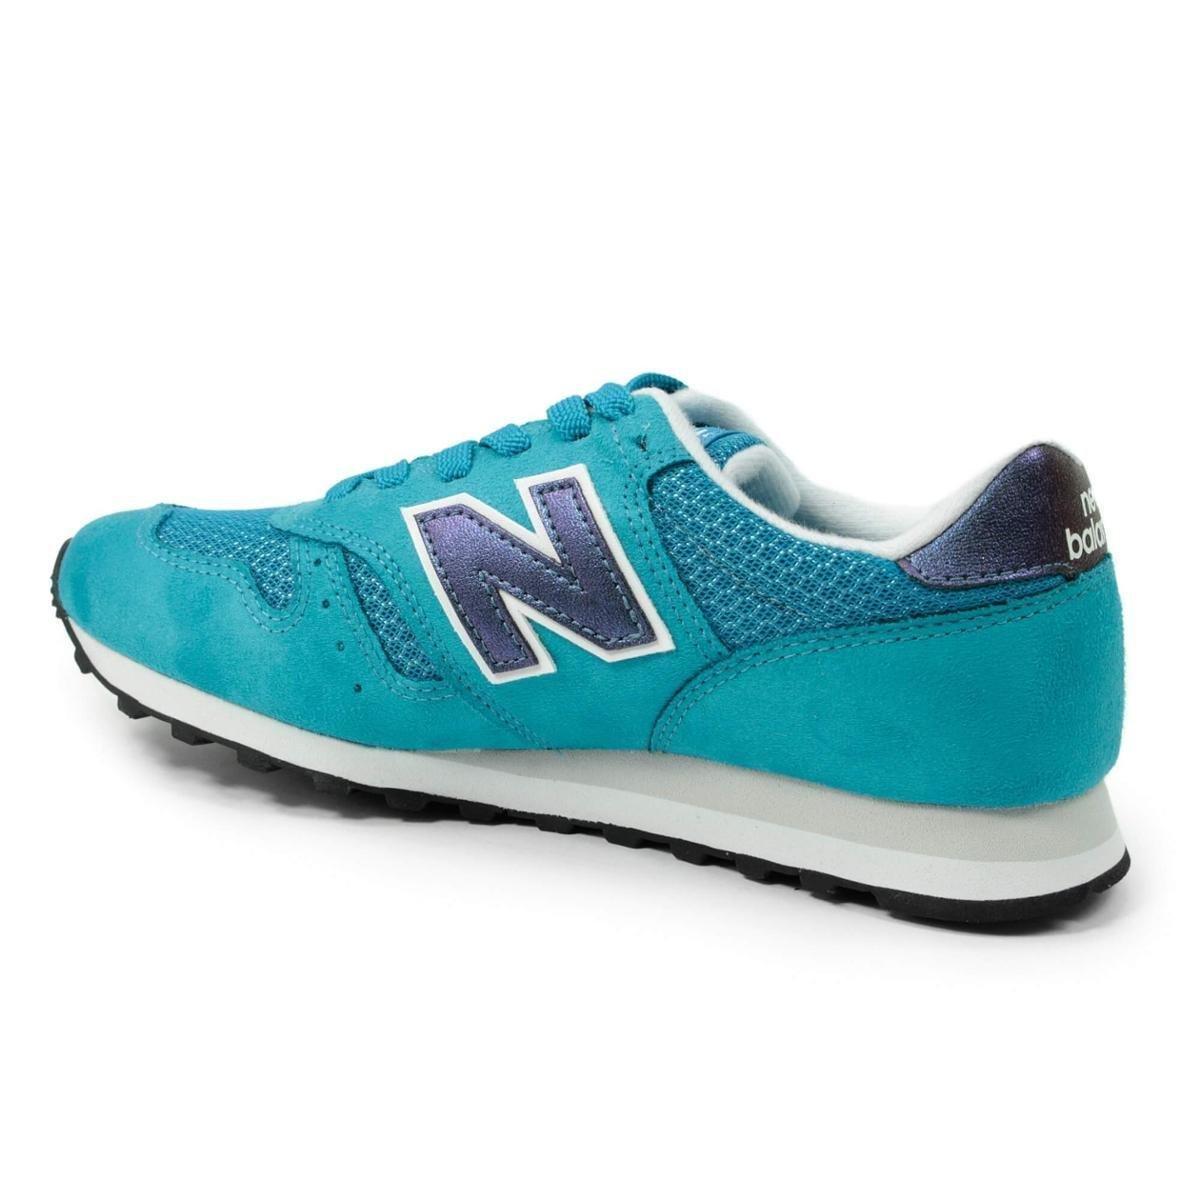 373 LifeStyle Azul Tênis New Blance Tênis New xwCvPz7